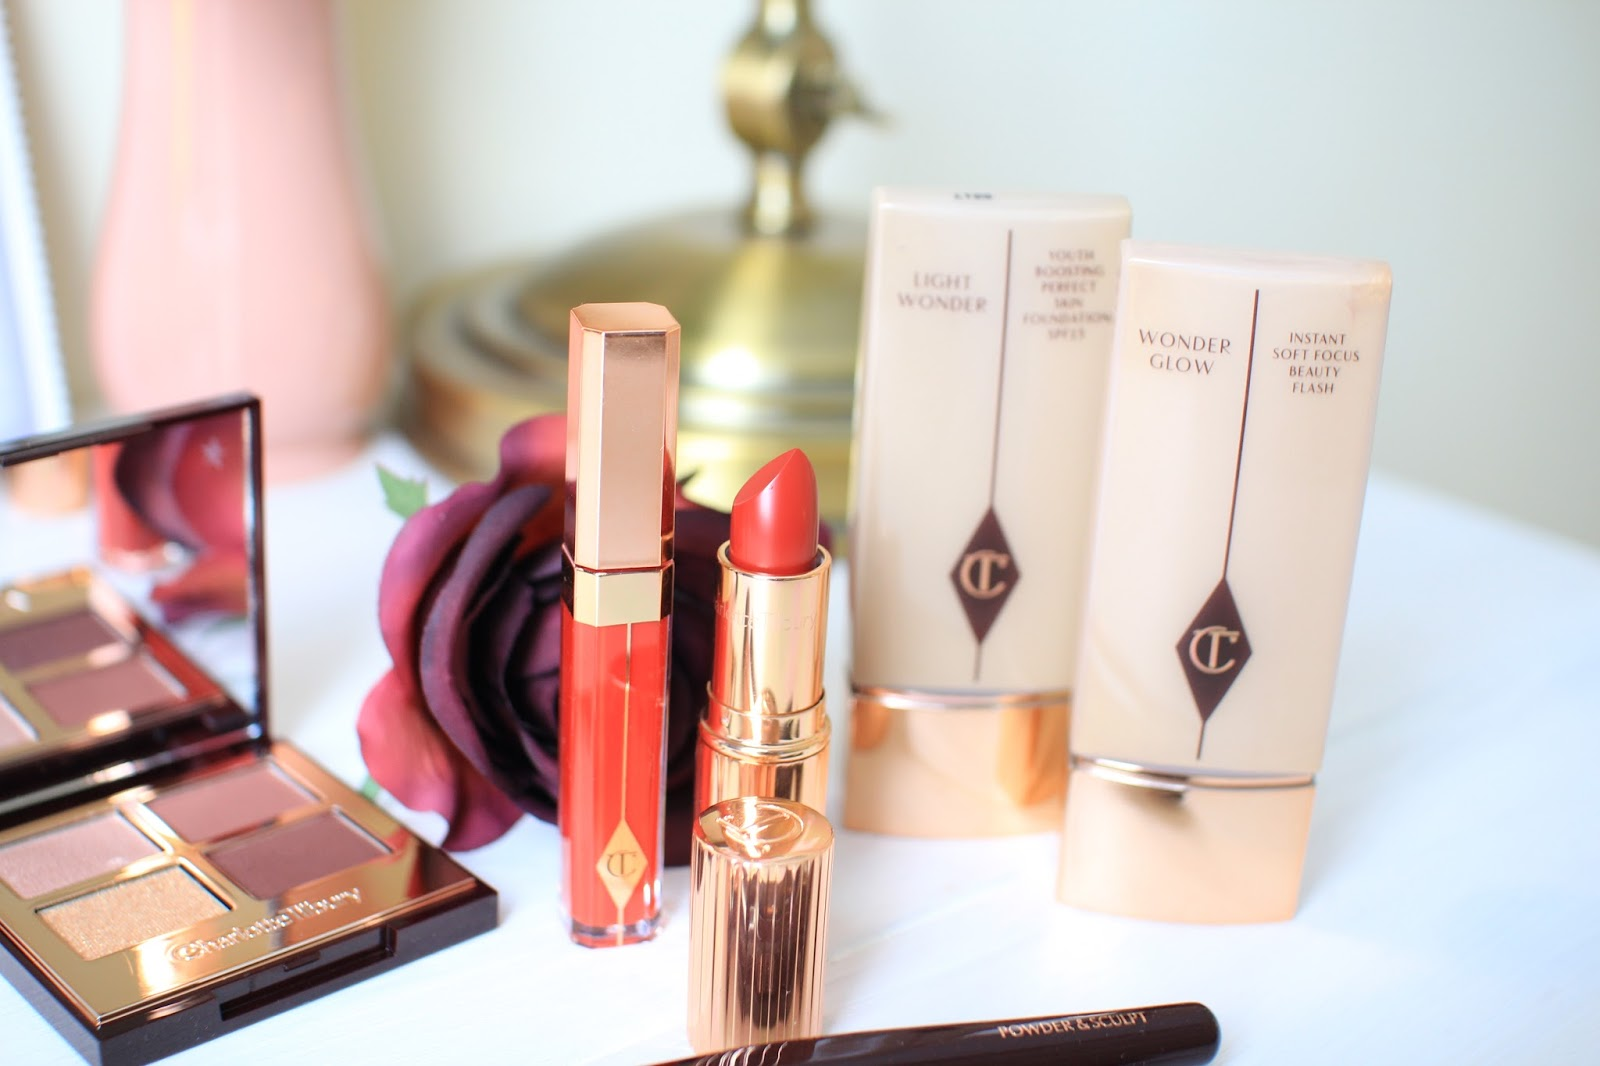 Charlotte Tilbury k.i.s.s.i.n.g. lipstick in so marilyn